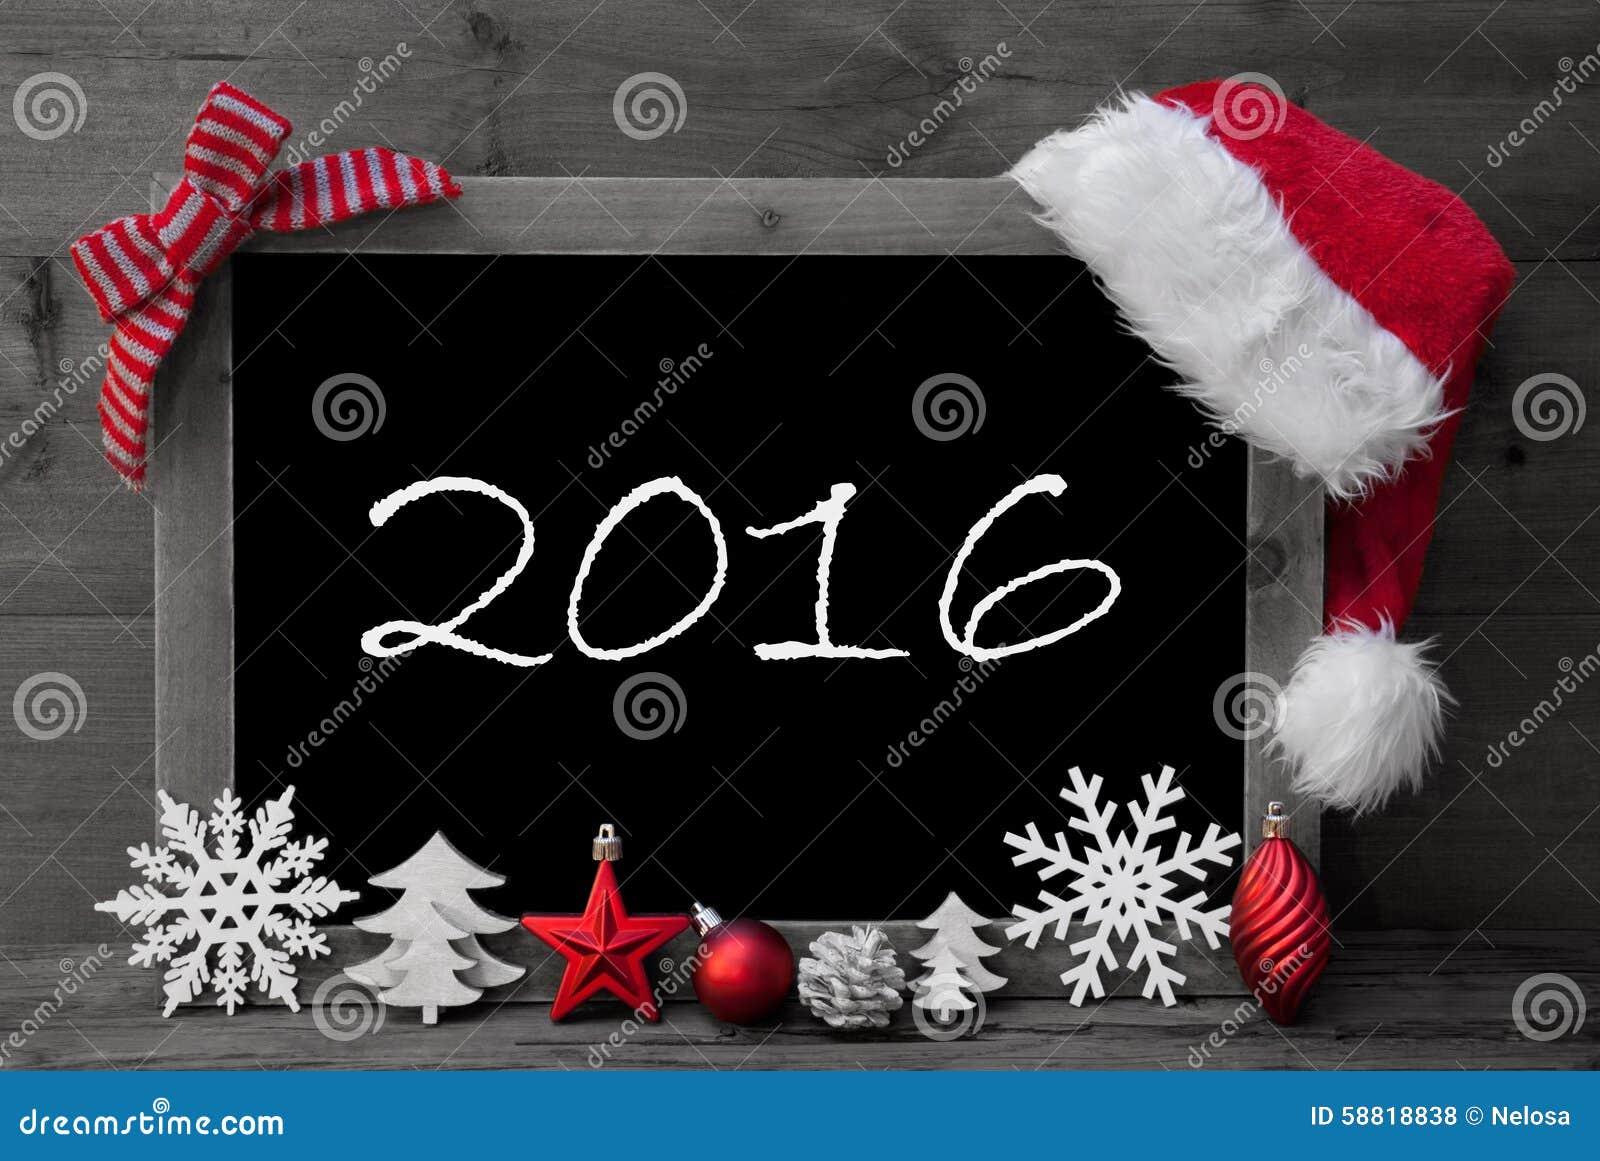 #B6152C Tableau Noir Santa Hat Christmas Decoration Text 2016  6061 decoration de noel tableau 1300x960 px @ aertt.com